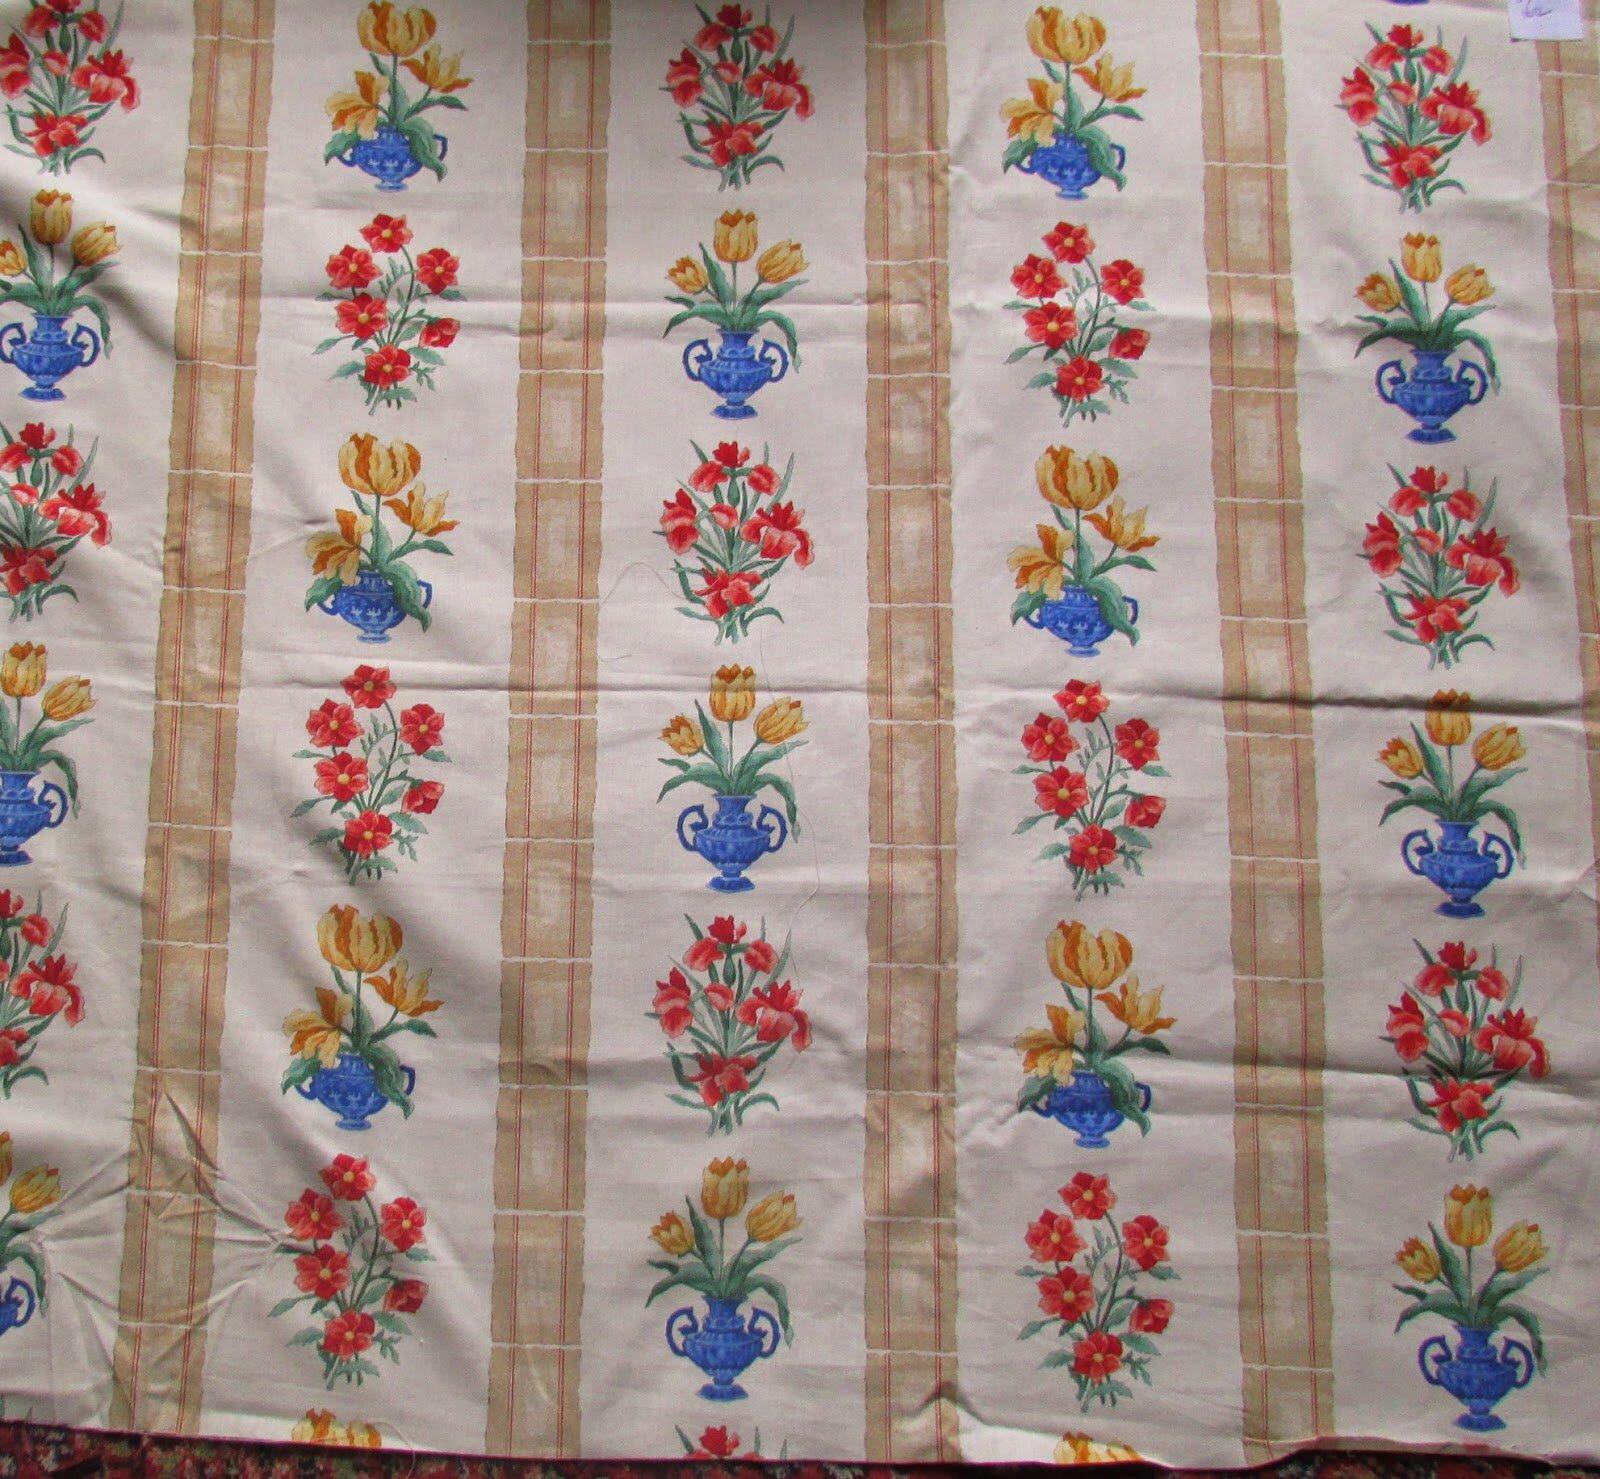 tissu vintage coton rideaux nappes rideaux largeur 170 cm vendu au metre ebay. Black Bedroom Furniture Sets. Home Design Ideas